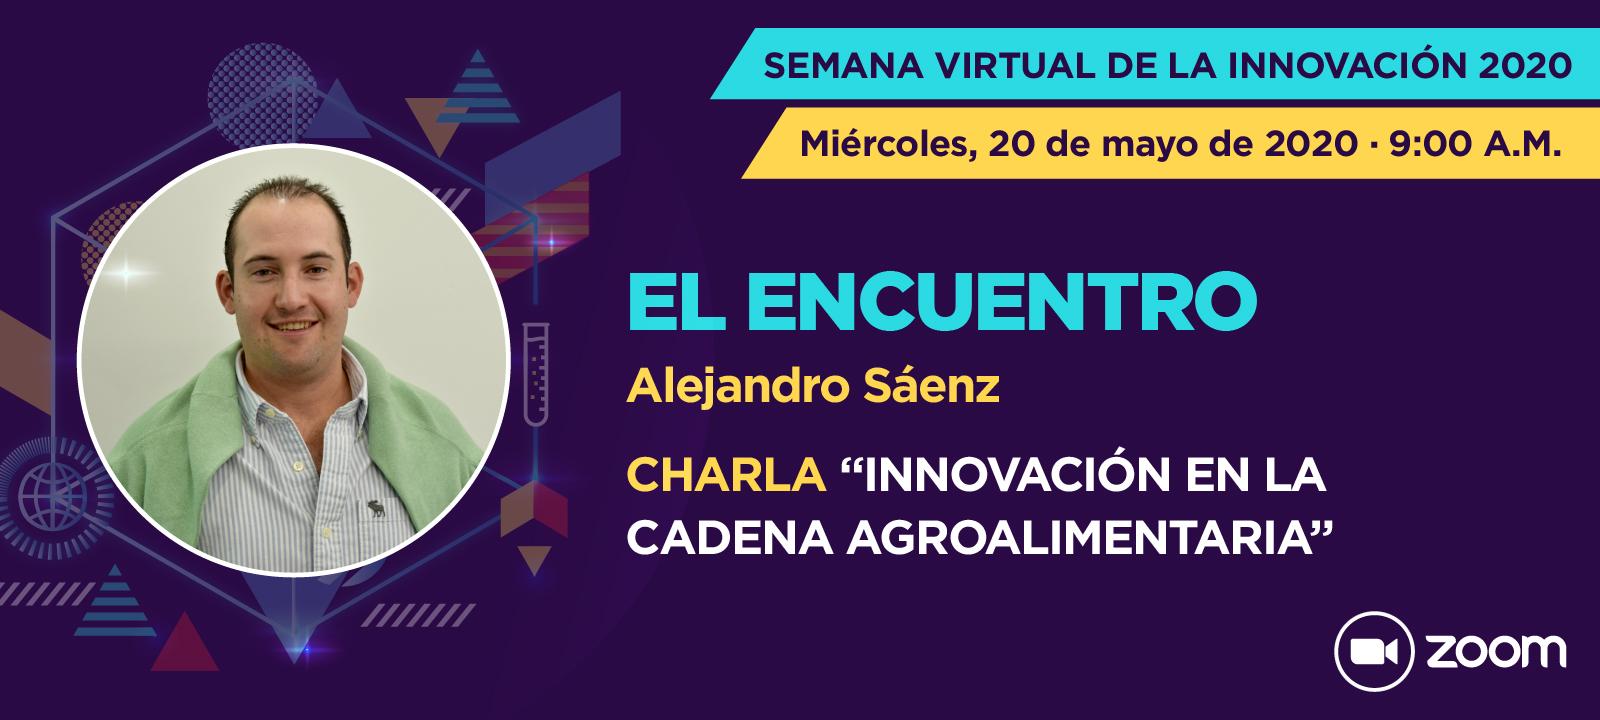 El Encuentro con Alejandro Sáenz